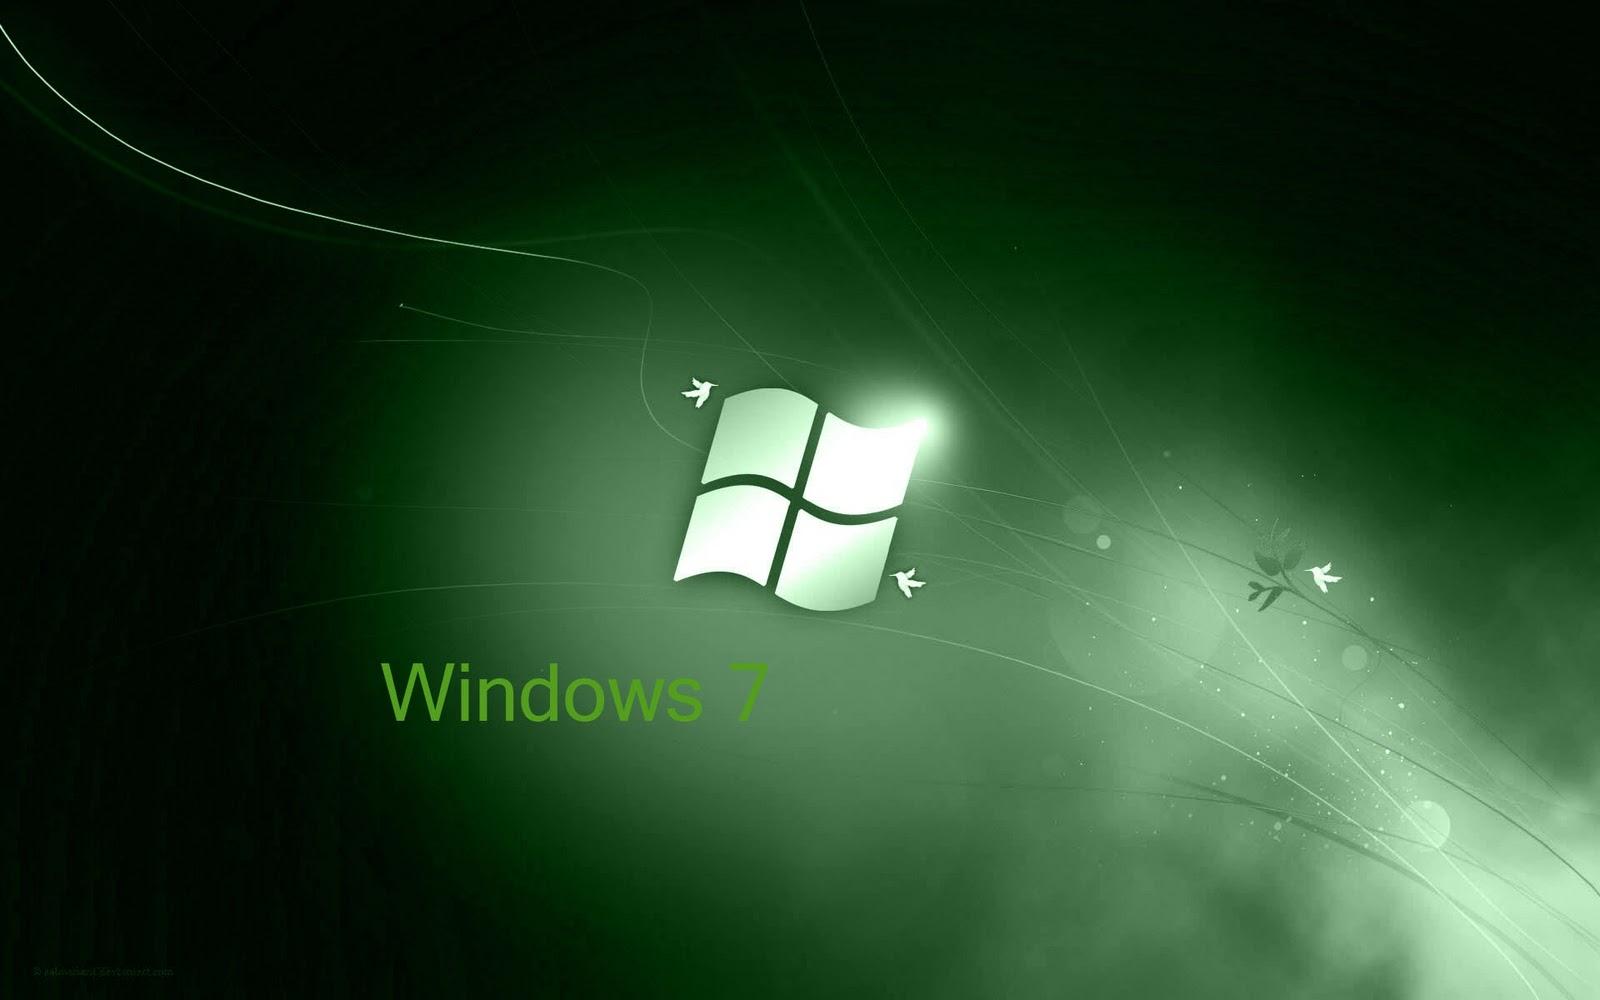 http://2.bp.blogspot.com/_RAlP3BmEW1Q/TQNoEF65d5I/AAAAAAAABVs/Fz_gnmF-P9A/s1600/Windows-7-achtergronden-windows-7-wallpapers-20.jpg